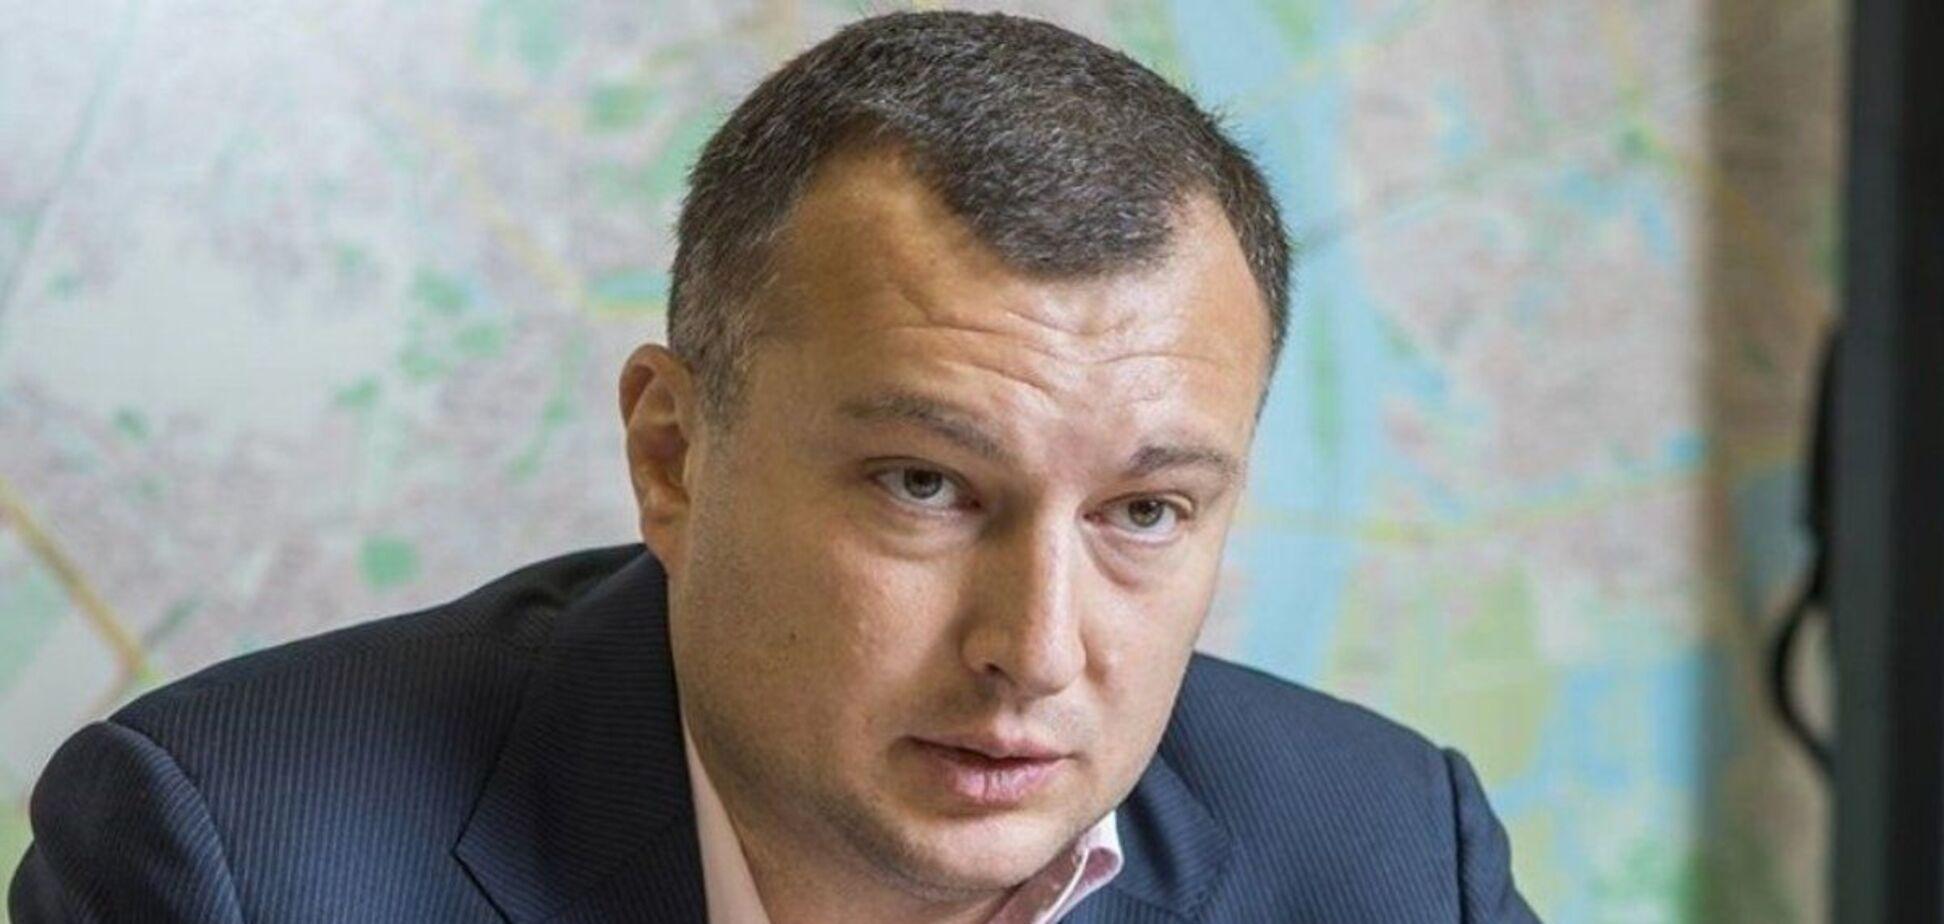 Нардеп Семінський виправдався за аудіозапис про 7 млн за мандат